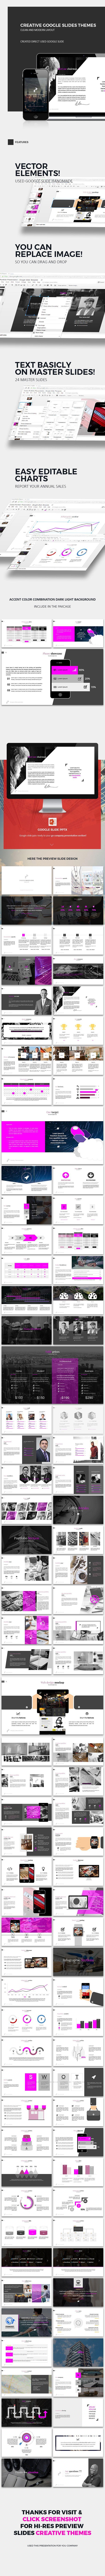 creative slides - google slides presentation templates, Presentation templates